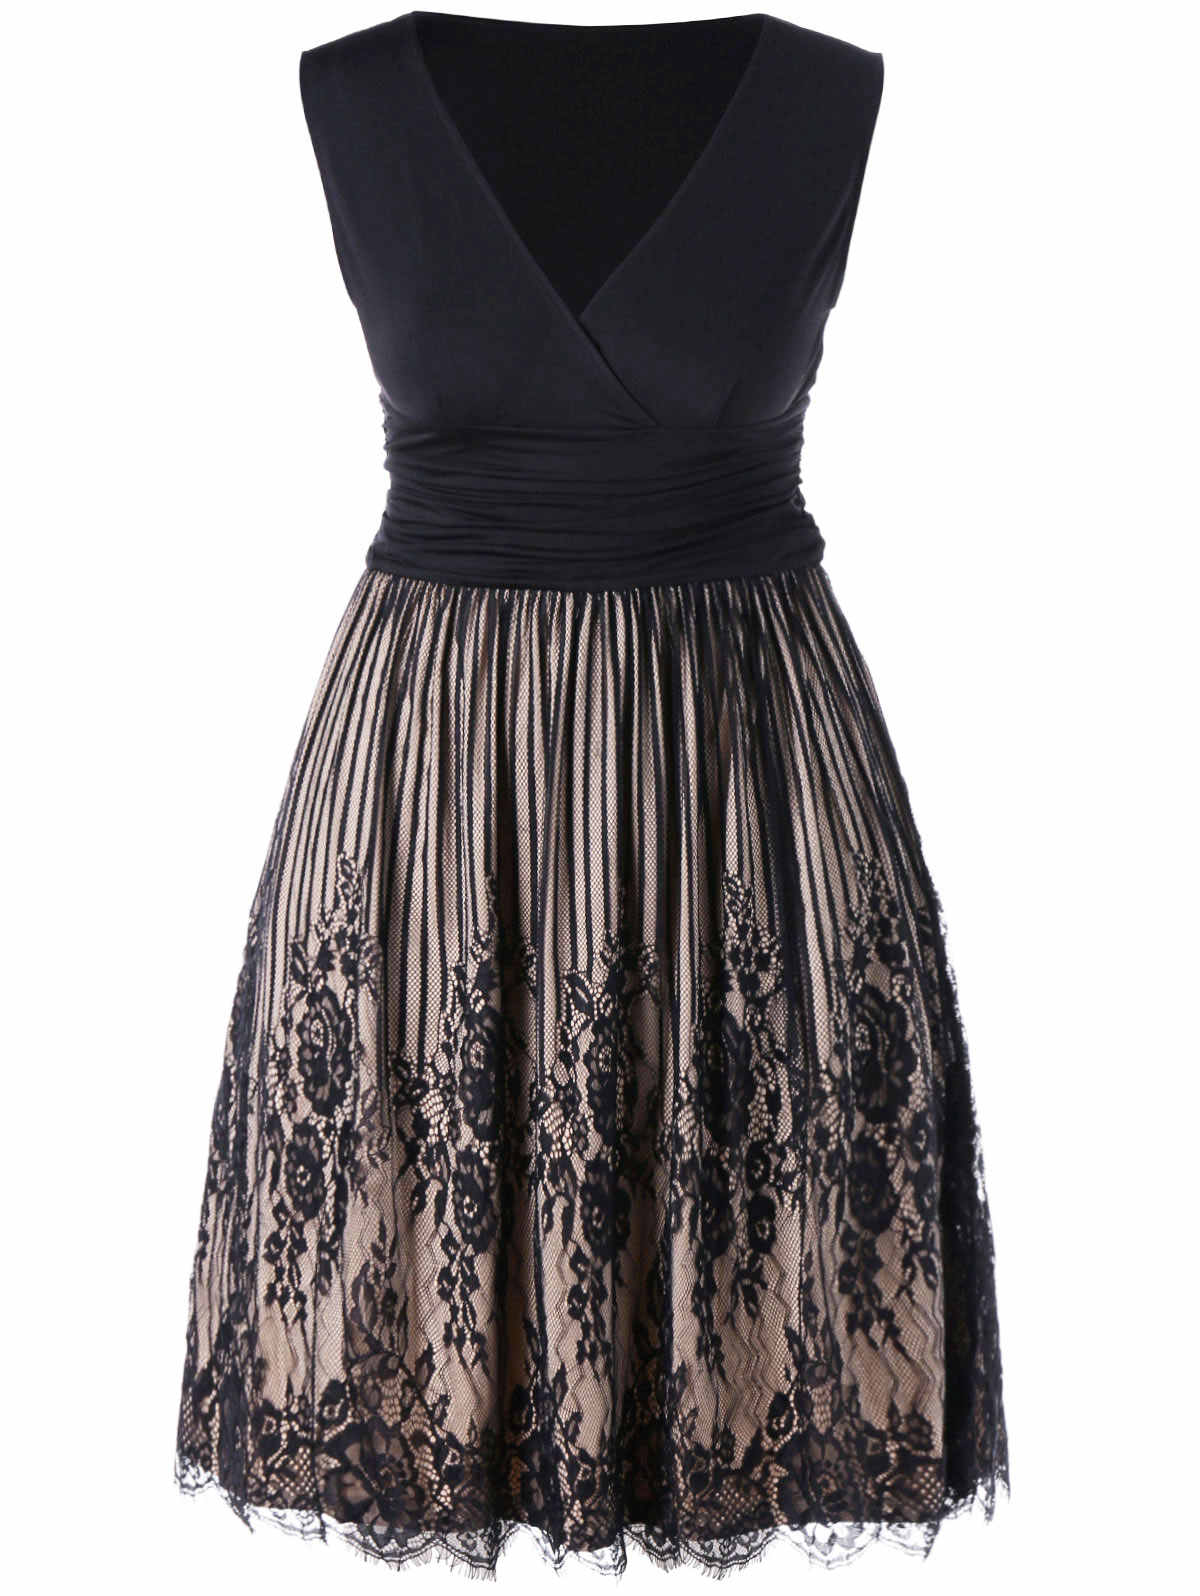 2fef7423c69 Gamiss без рукавов с v-образным вырезом плюс Размеры Surplice Lace Панель женское  платье Ruched